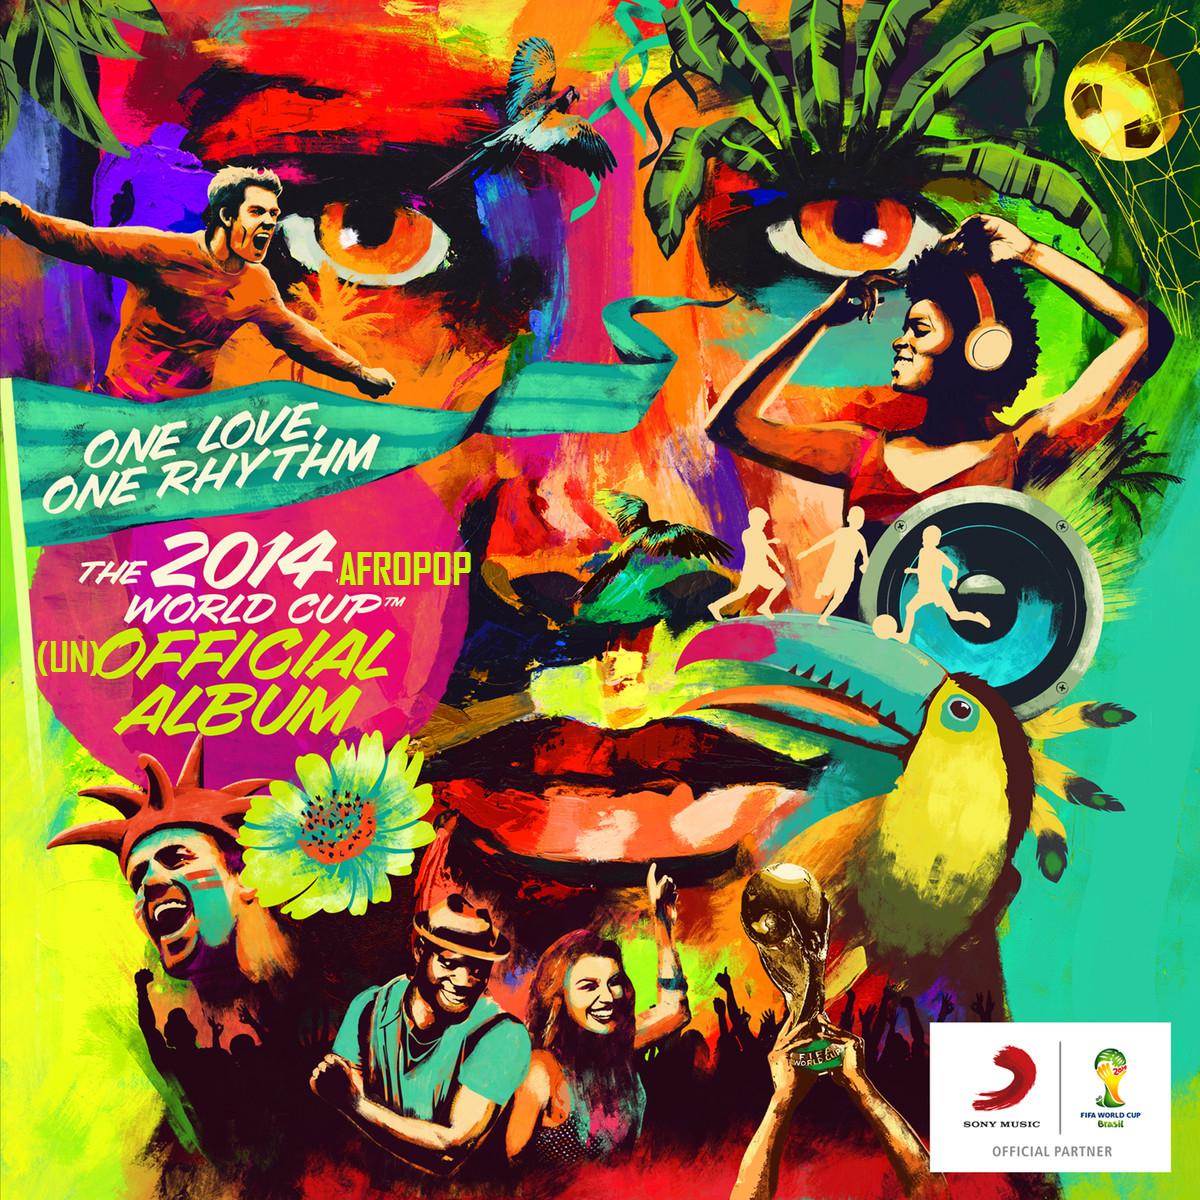 The 2014 Afropop (Un)official World Cup Album